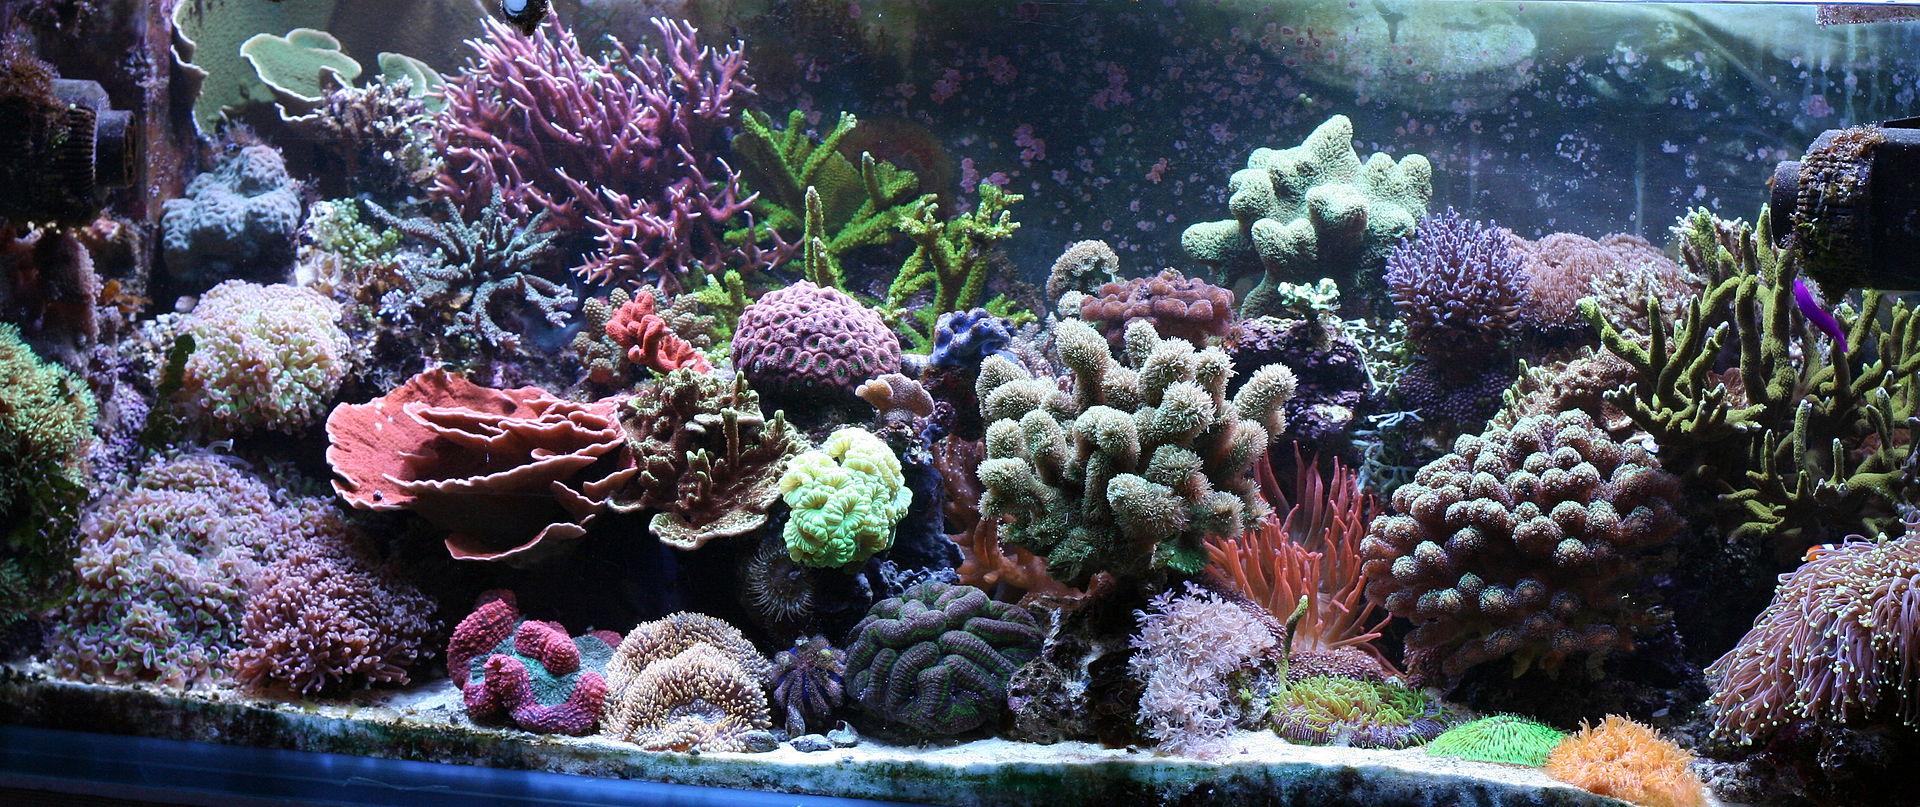 Reef_Aquascape